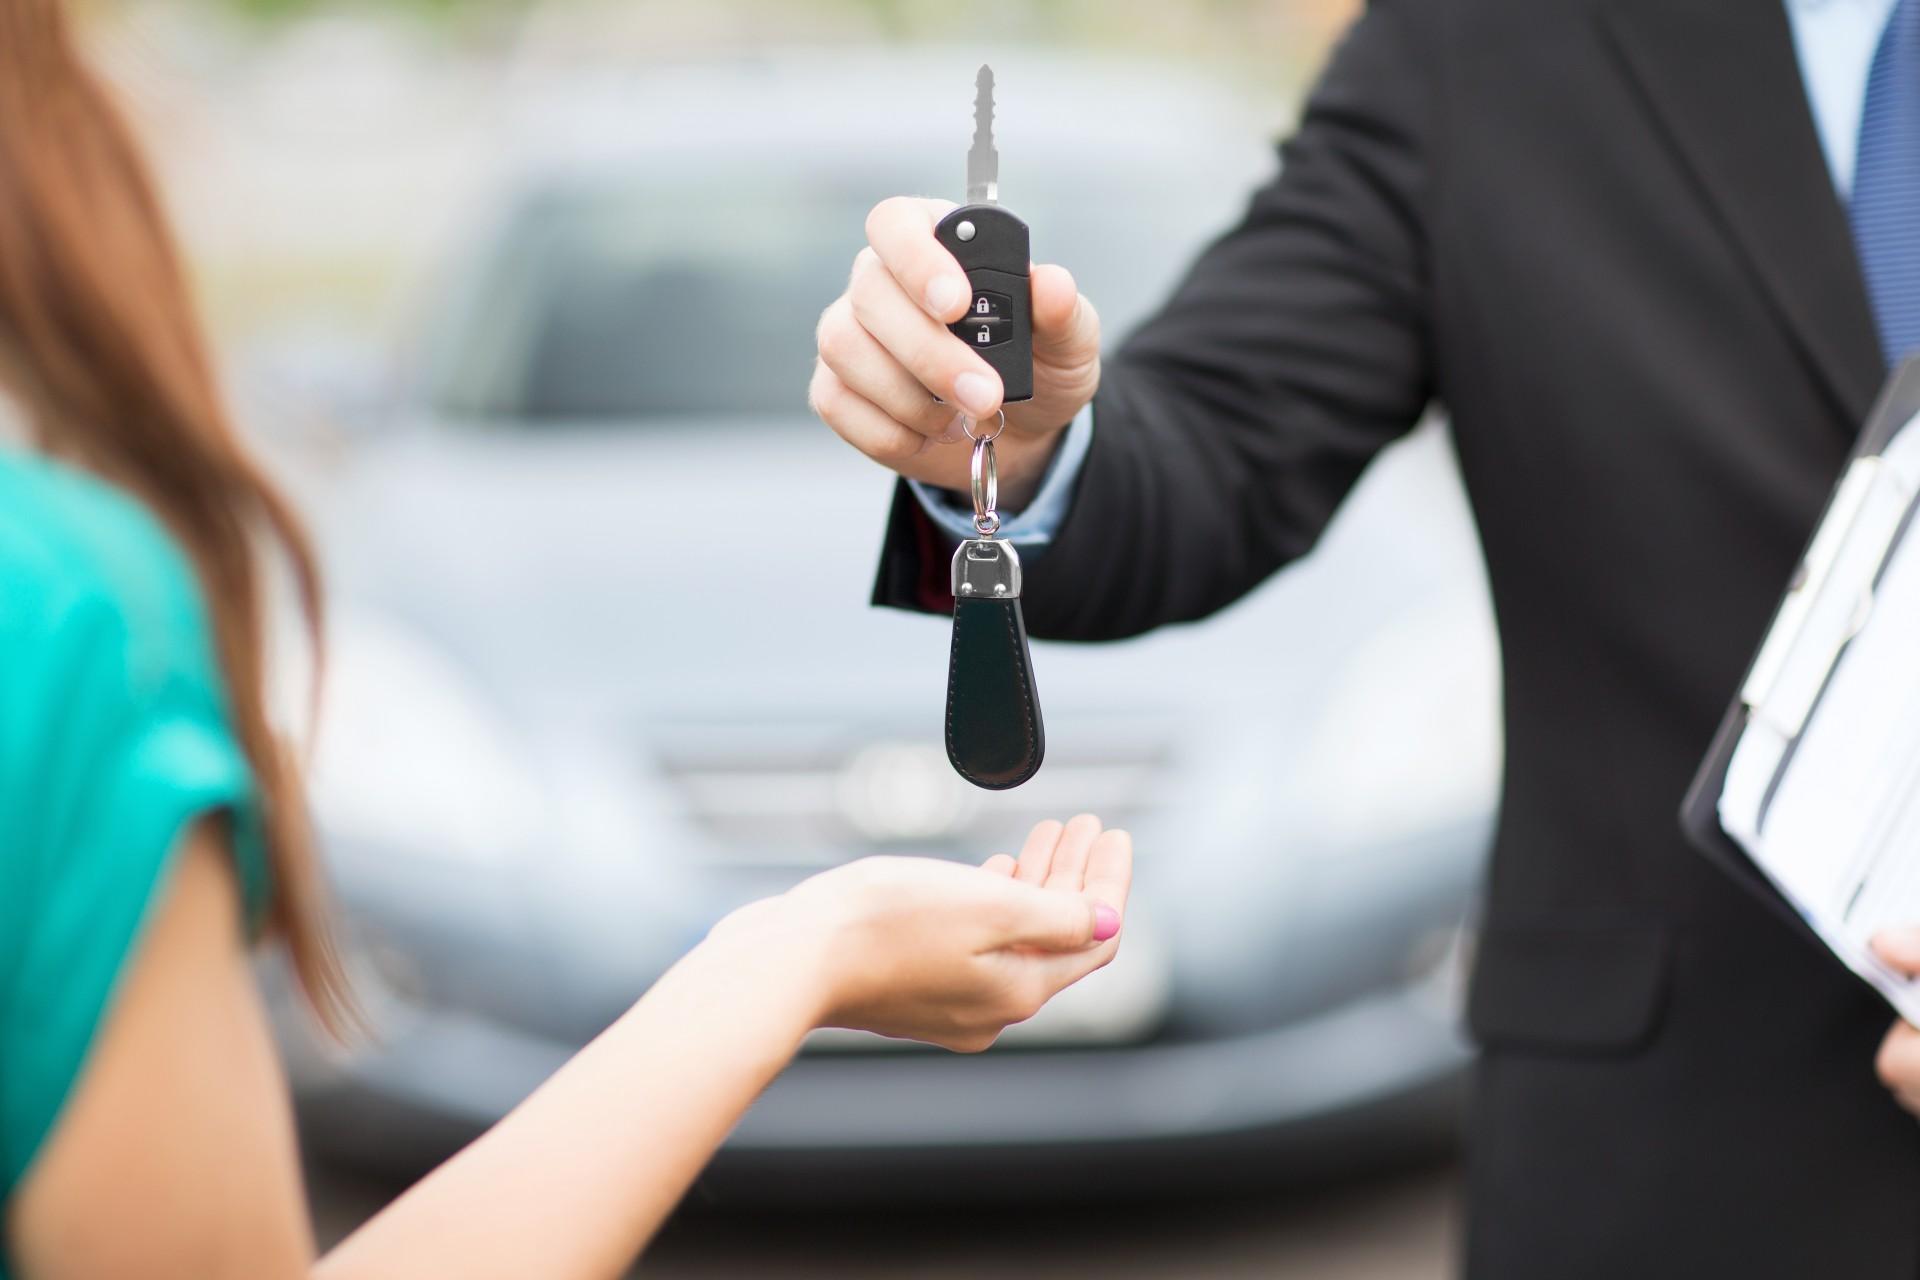 Acquistare un'auto nuova o usata: Consigli utili per non avere brutte soprese